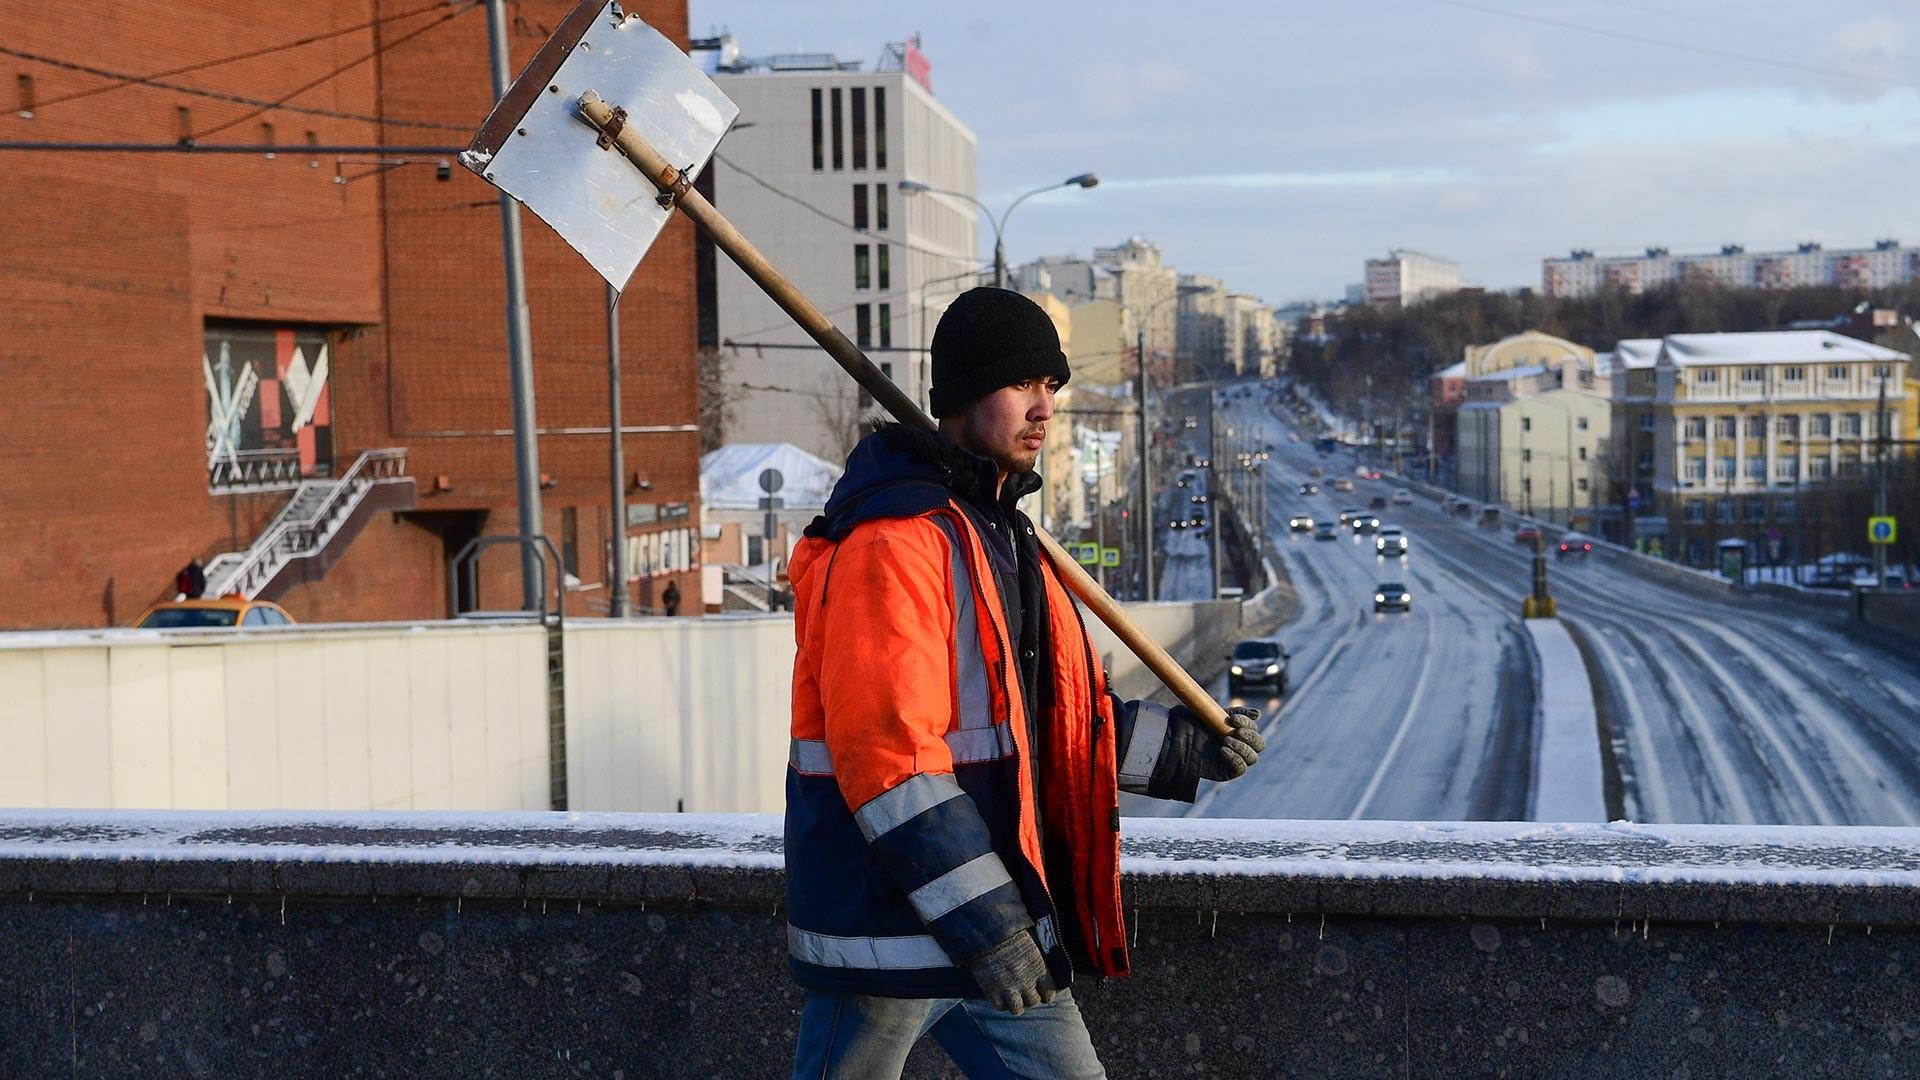 Trabajador del sector comunal, calle Zemlianoy Val, Moscú